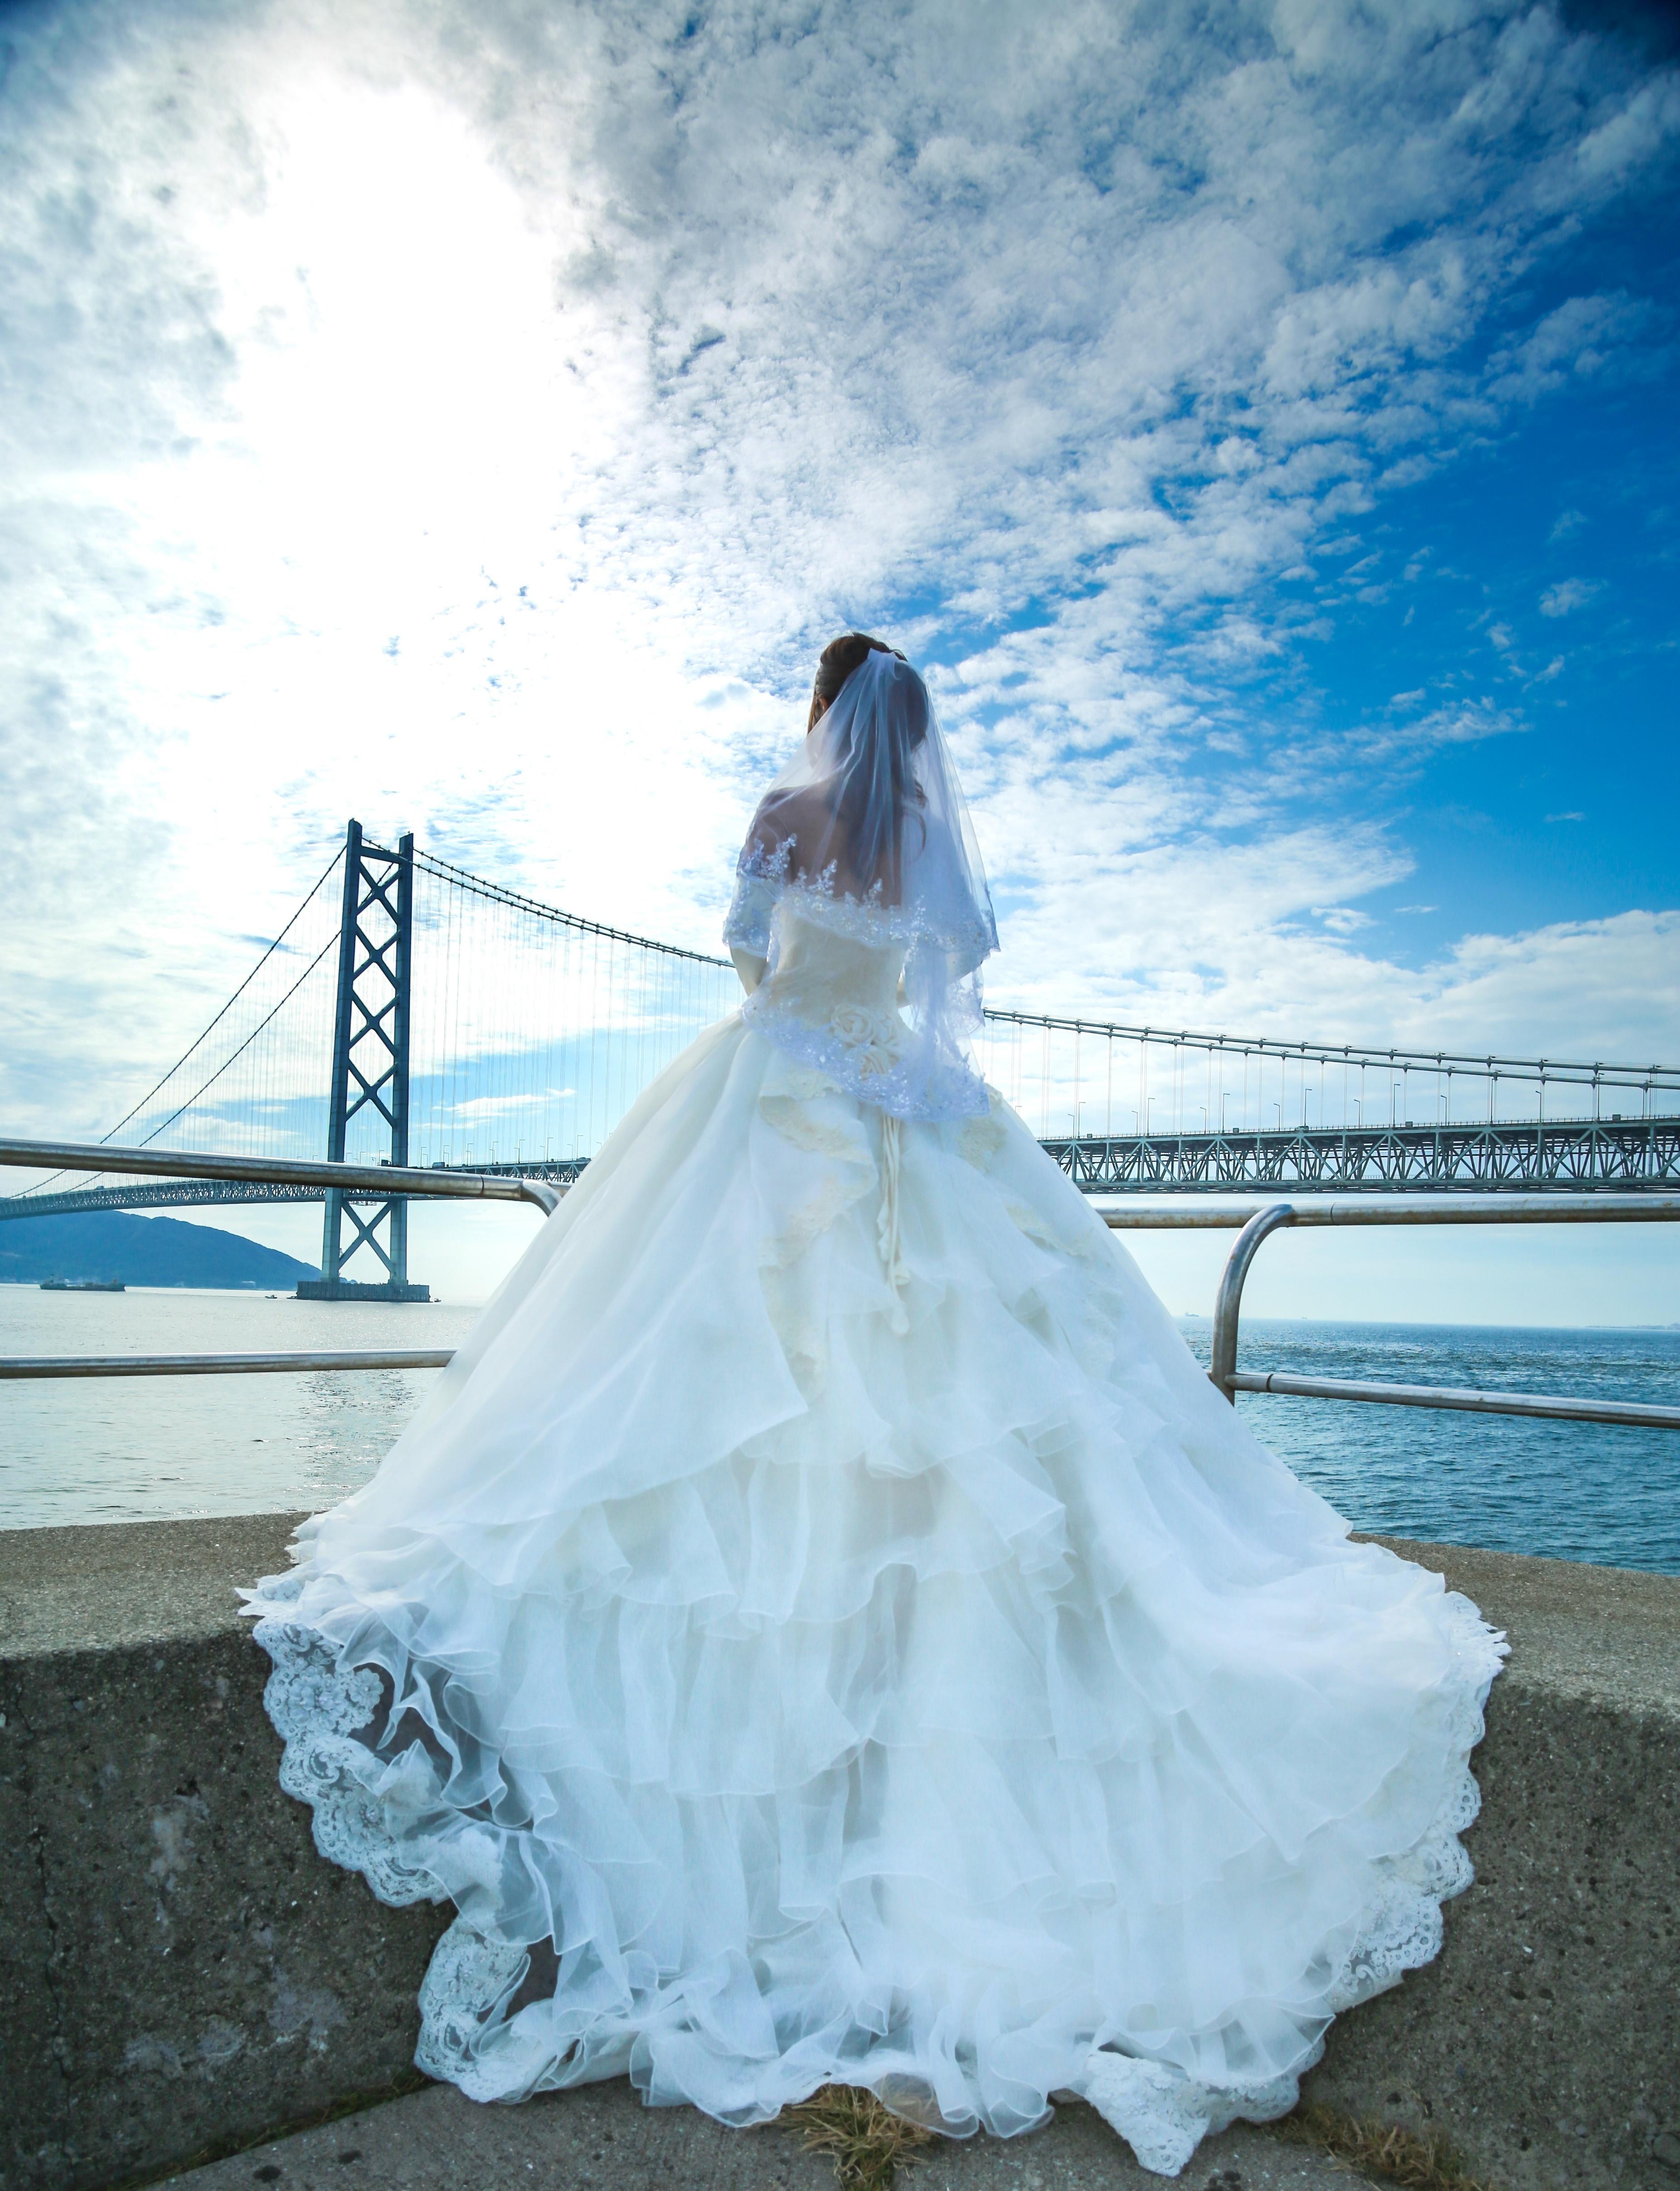 「明石海峡大橋とウェディングドレス姿の女性」の写真